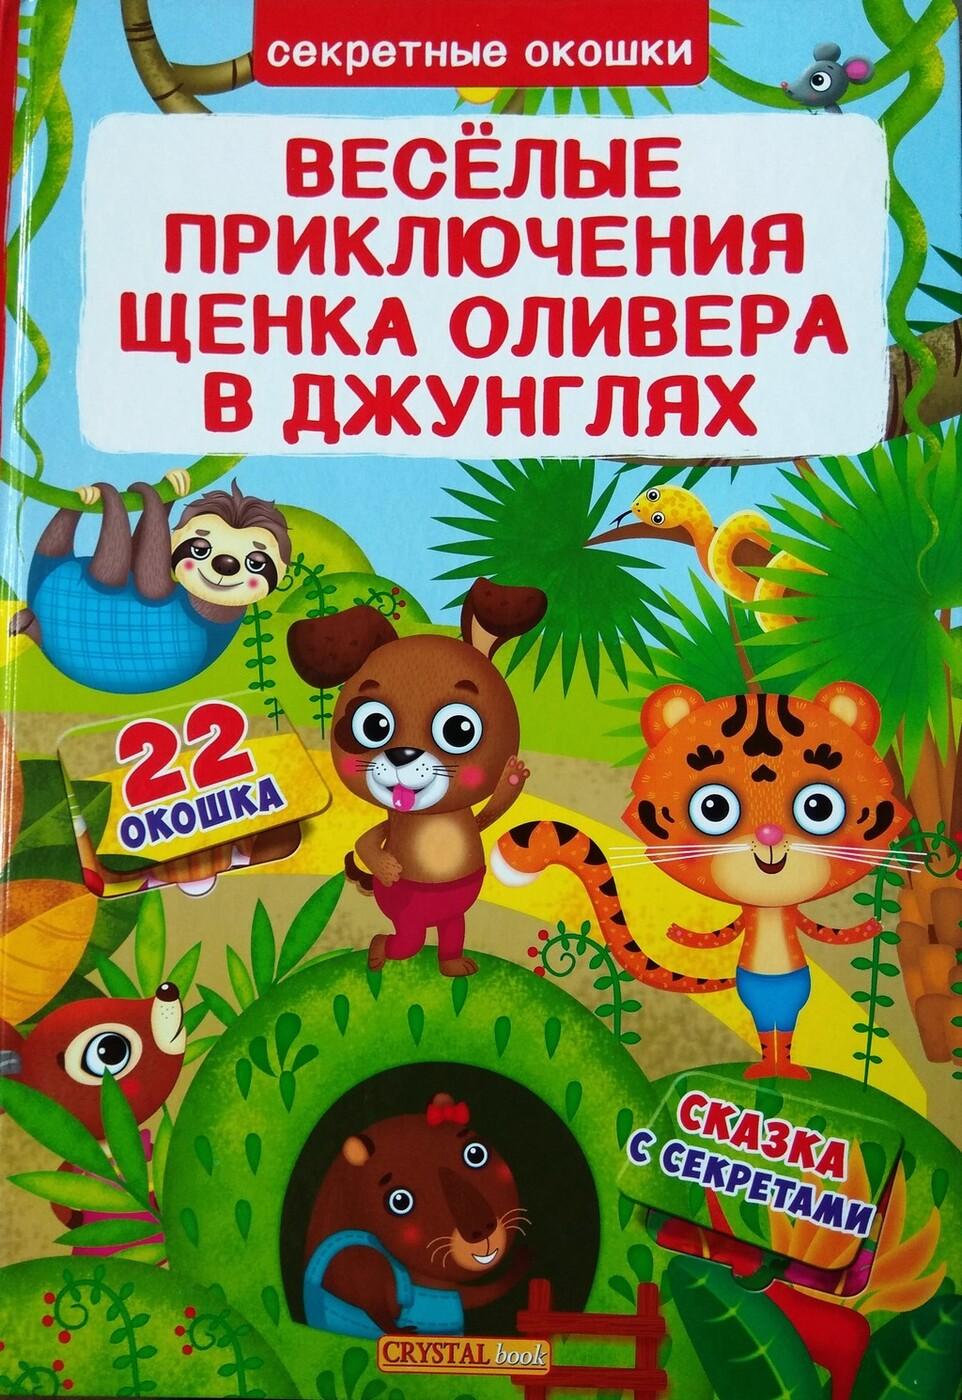 Д.В. Лысакова. Веселые приключения щенка Оливера в джунглях